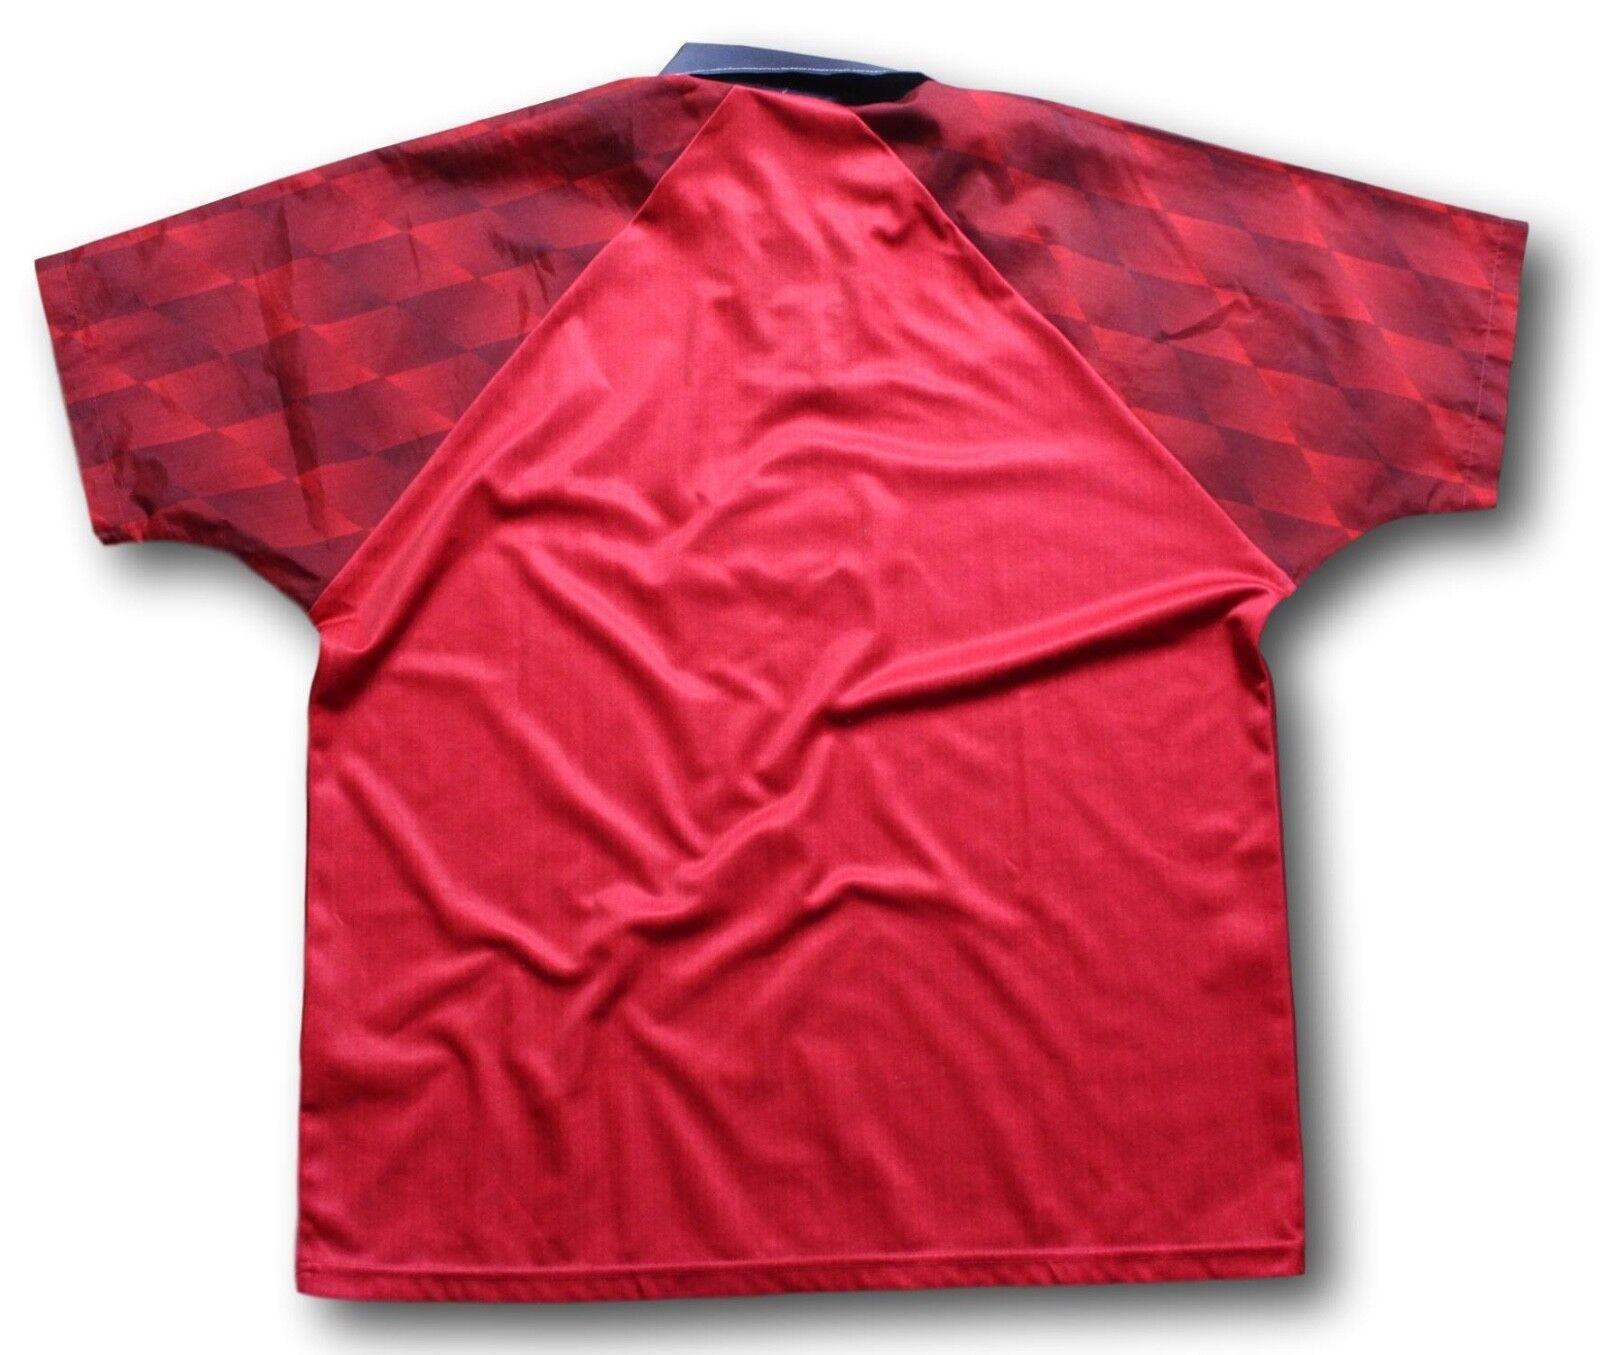 6a8d483f ... Vintage 1996-98 Manchester Manchester Manchester United Home Soccer  Football Shirt Jersey Size XL 751da3